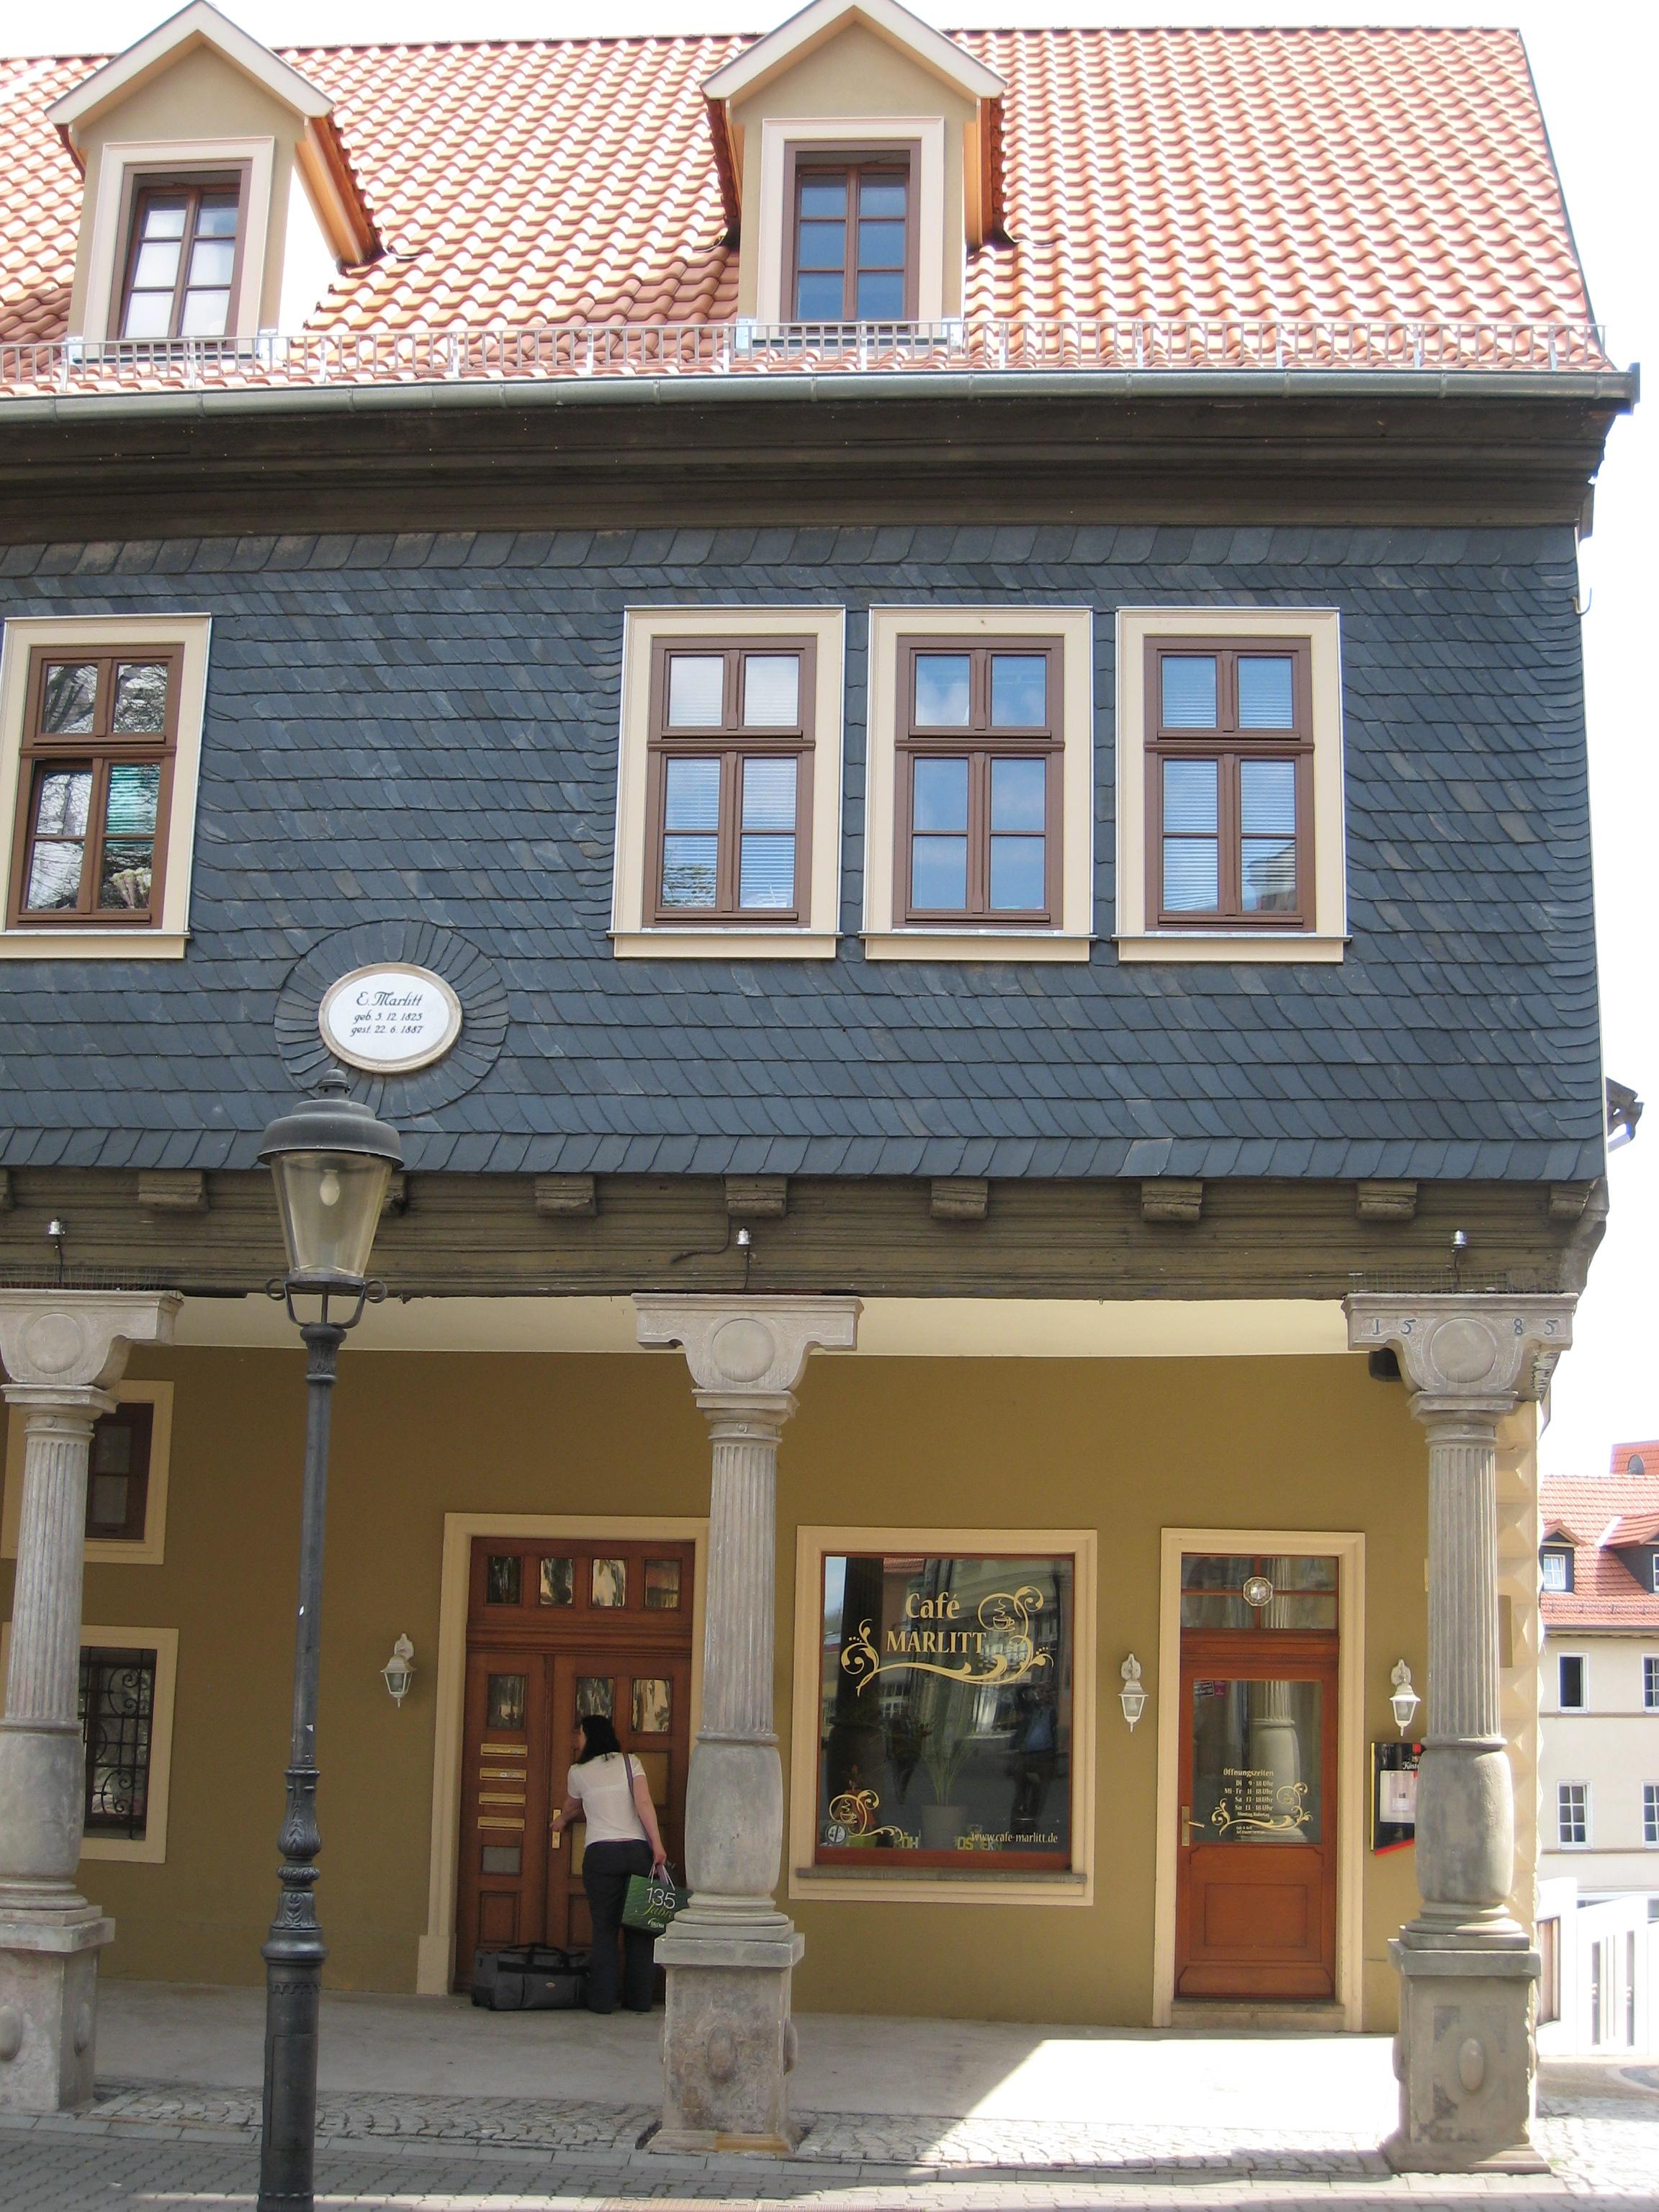 Cafe Am Markt Hofgeismar Fr Ef Bf Bdhst Ef Bf Bdcken